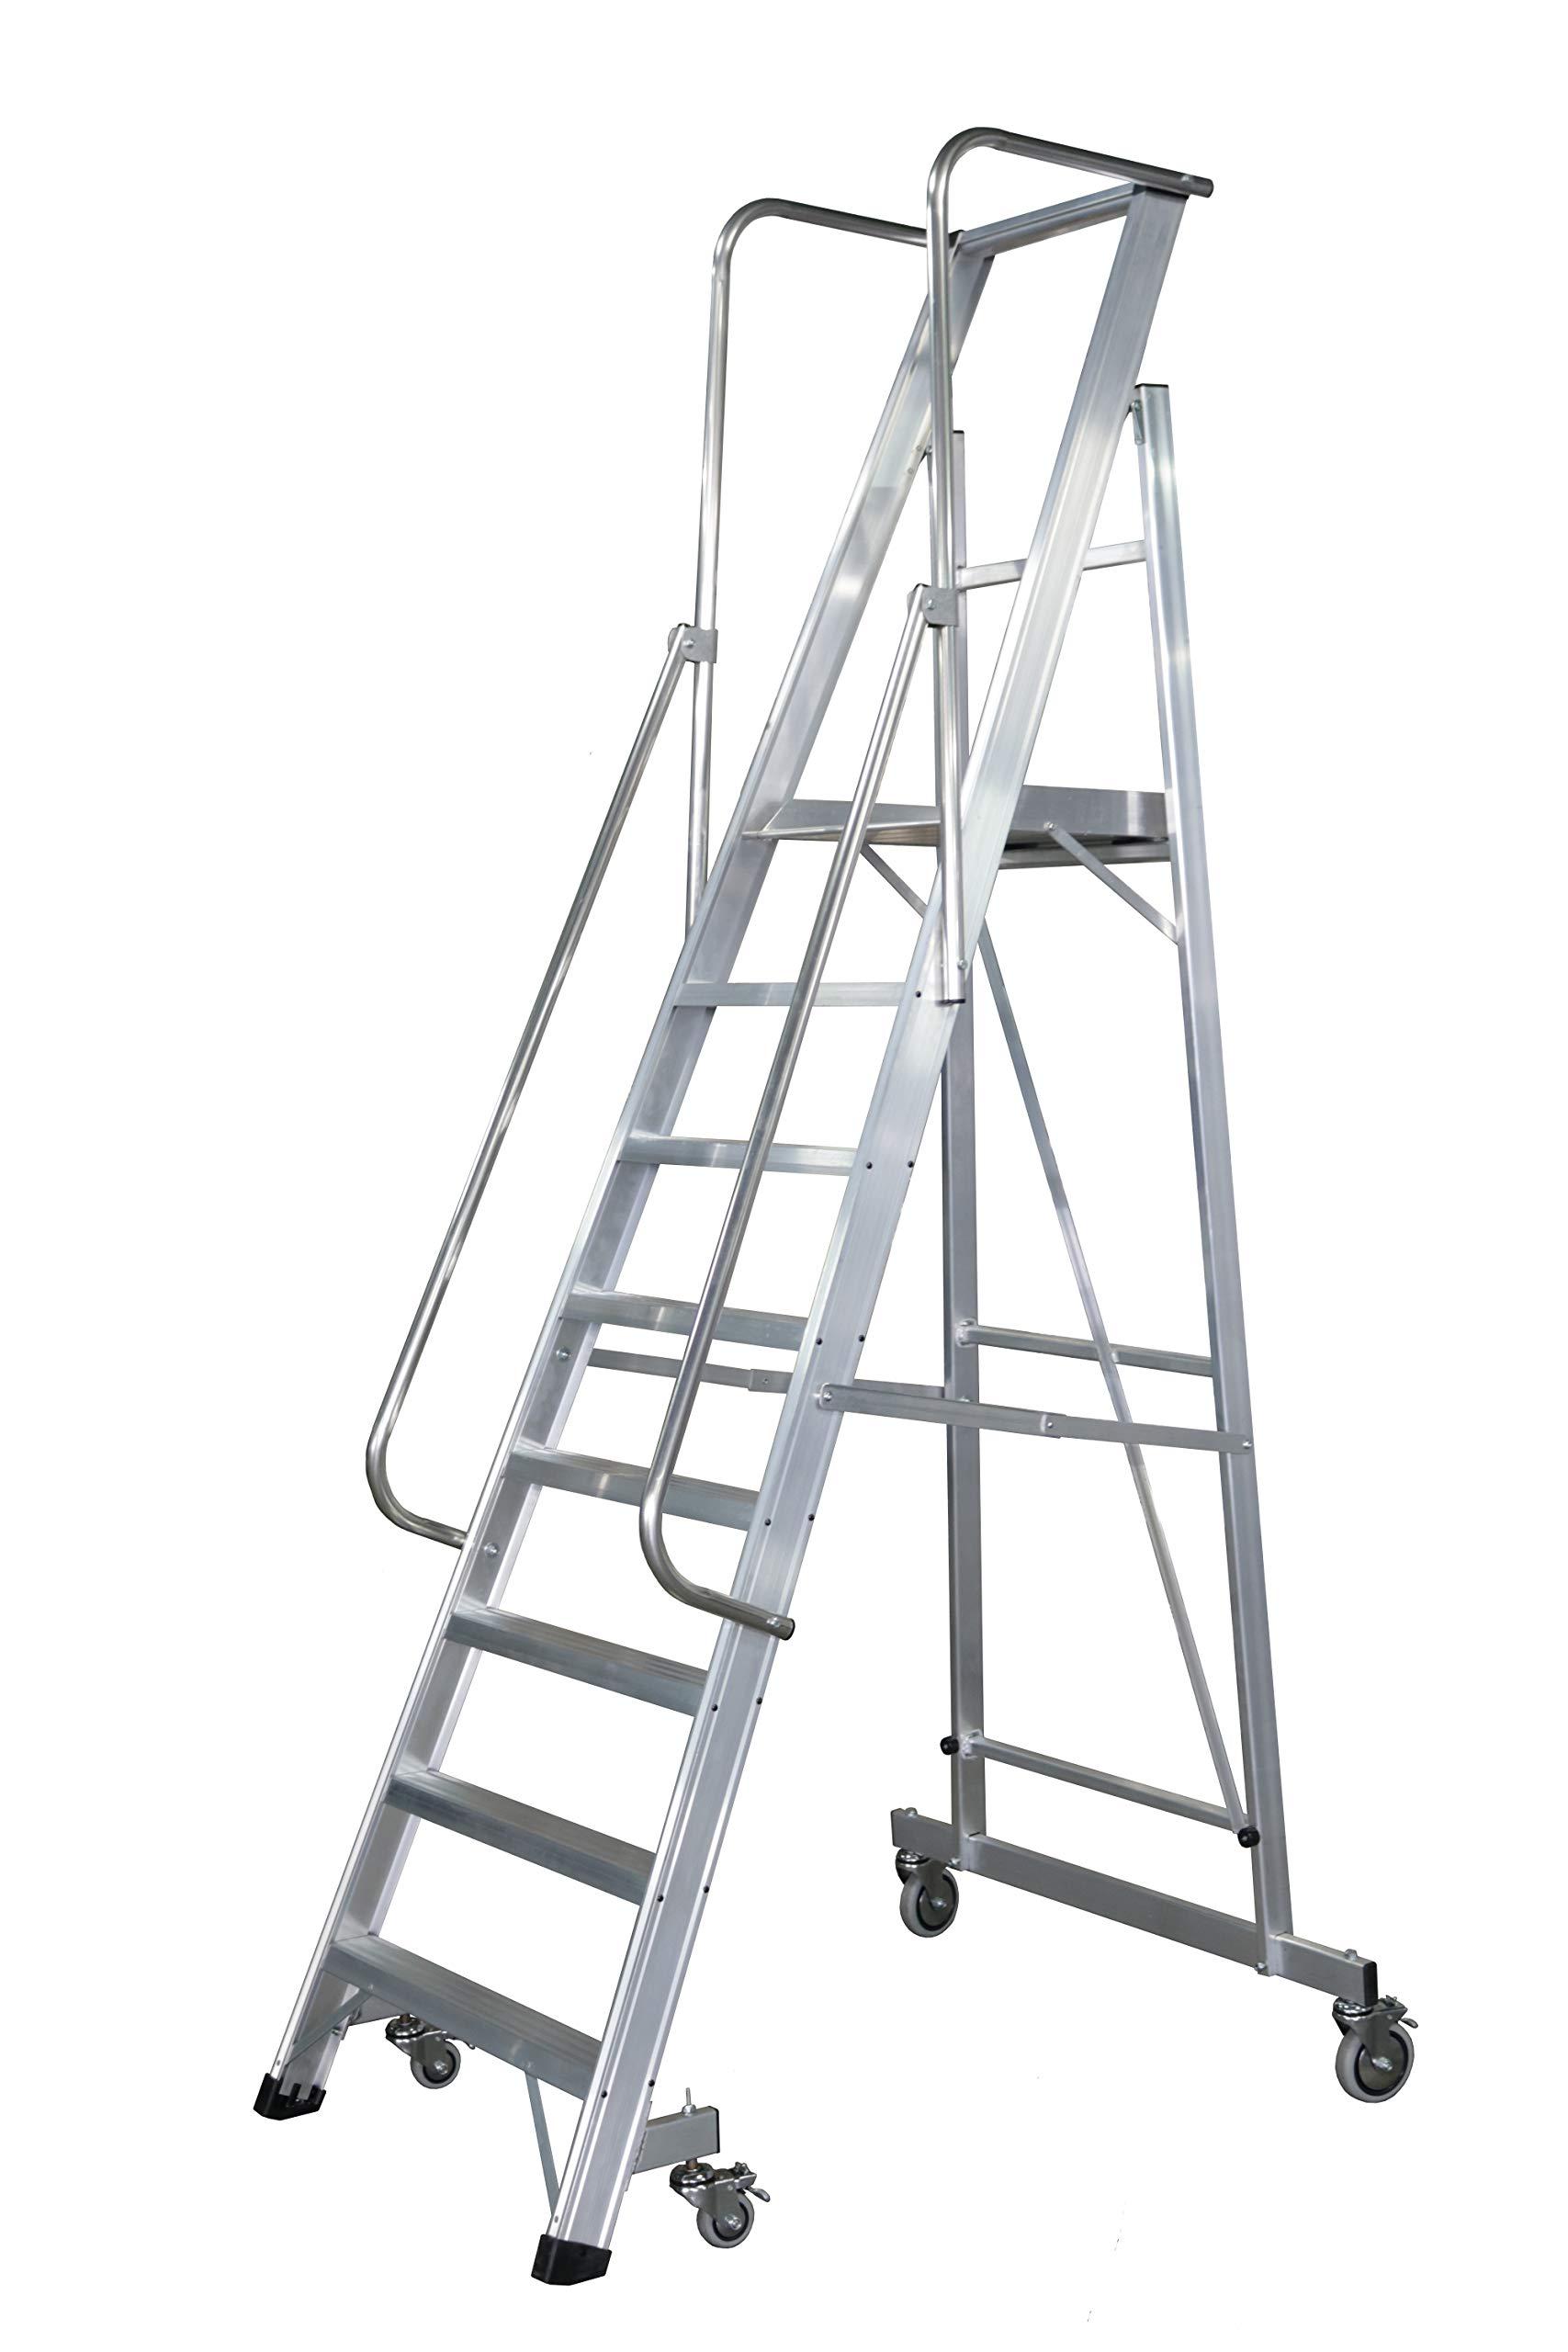 KTL Escalera Plegable con Plataforma y guardacuerpos 8 peldaños móvil Profesional Serie 2XL-s: Amazon.es: Hogar